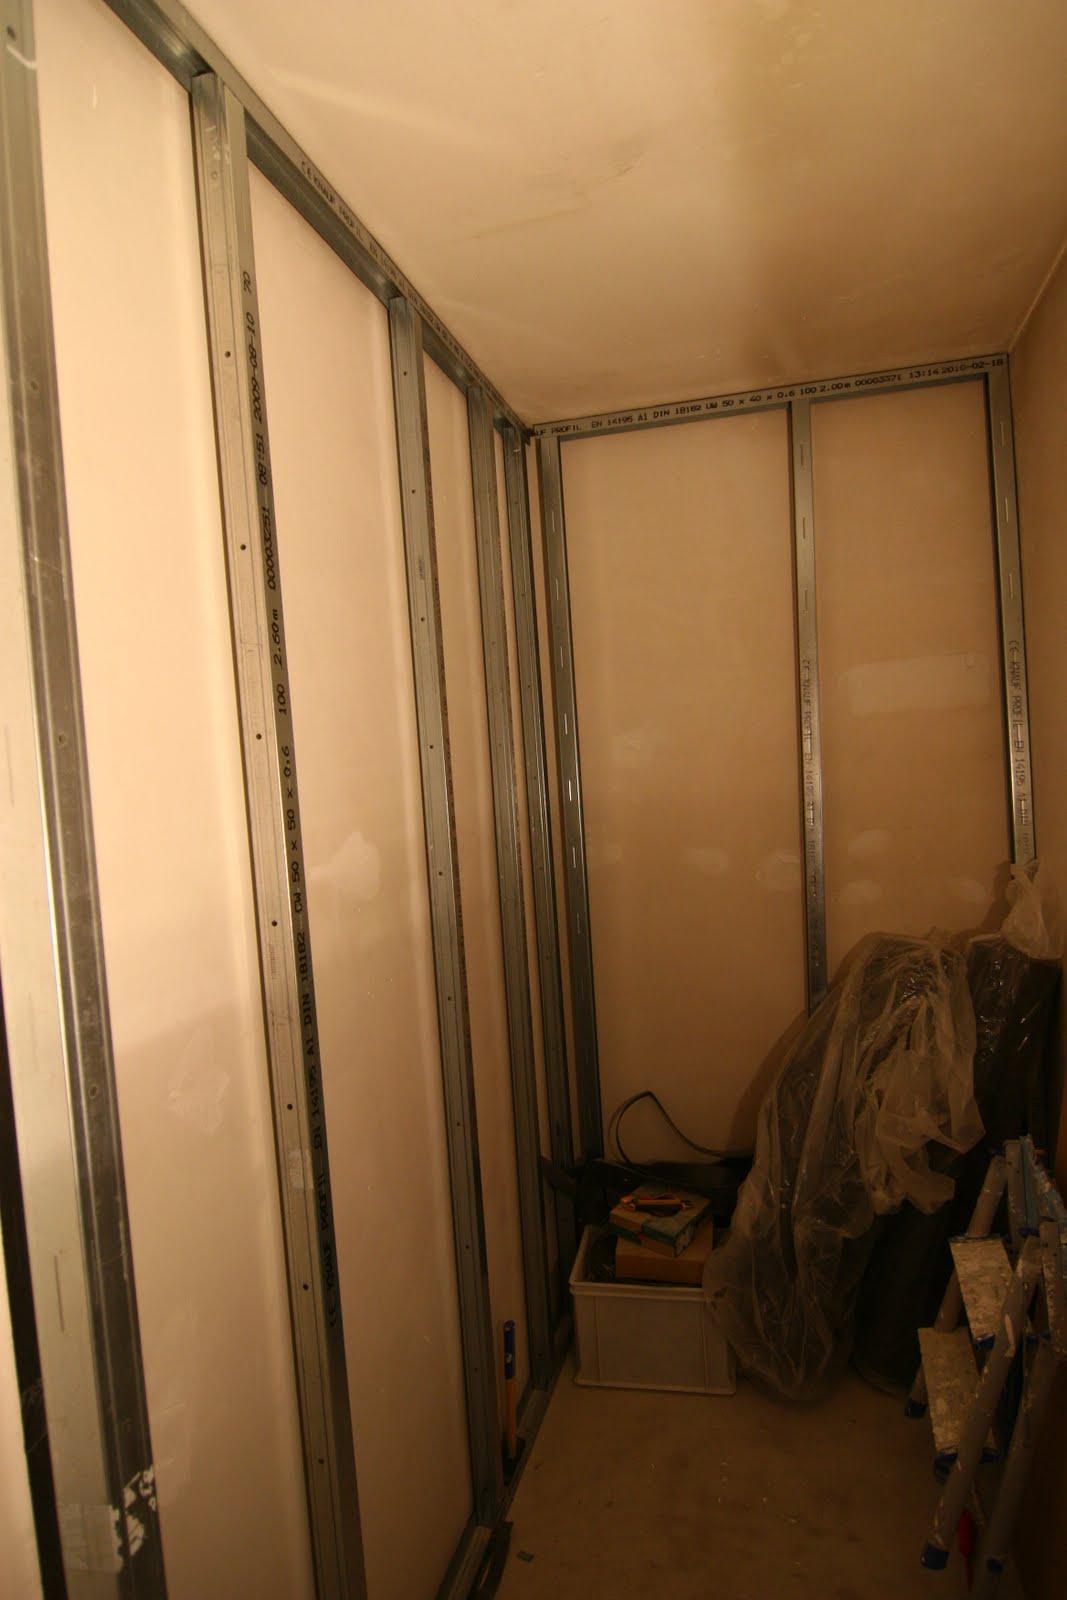 unterzug wohnzimmer:unterzug wohnzimmer : Thomas & Christine renovieren Trockenbau im